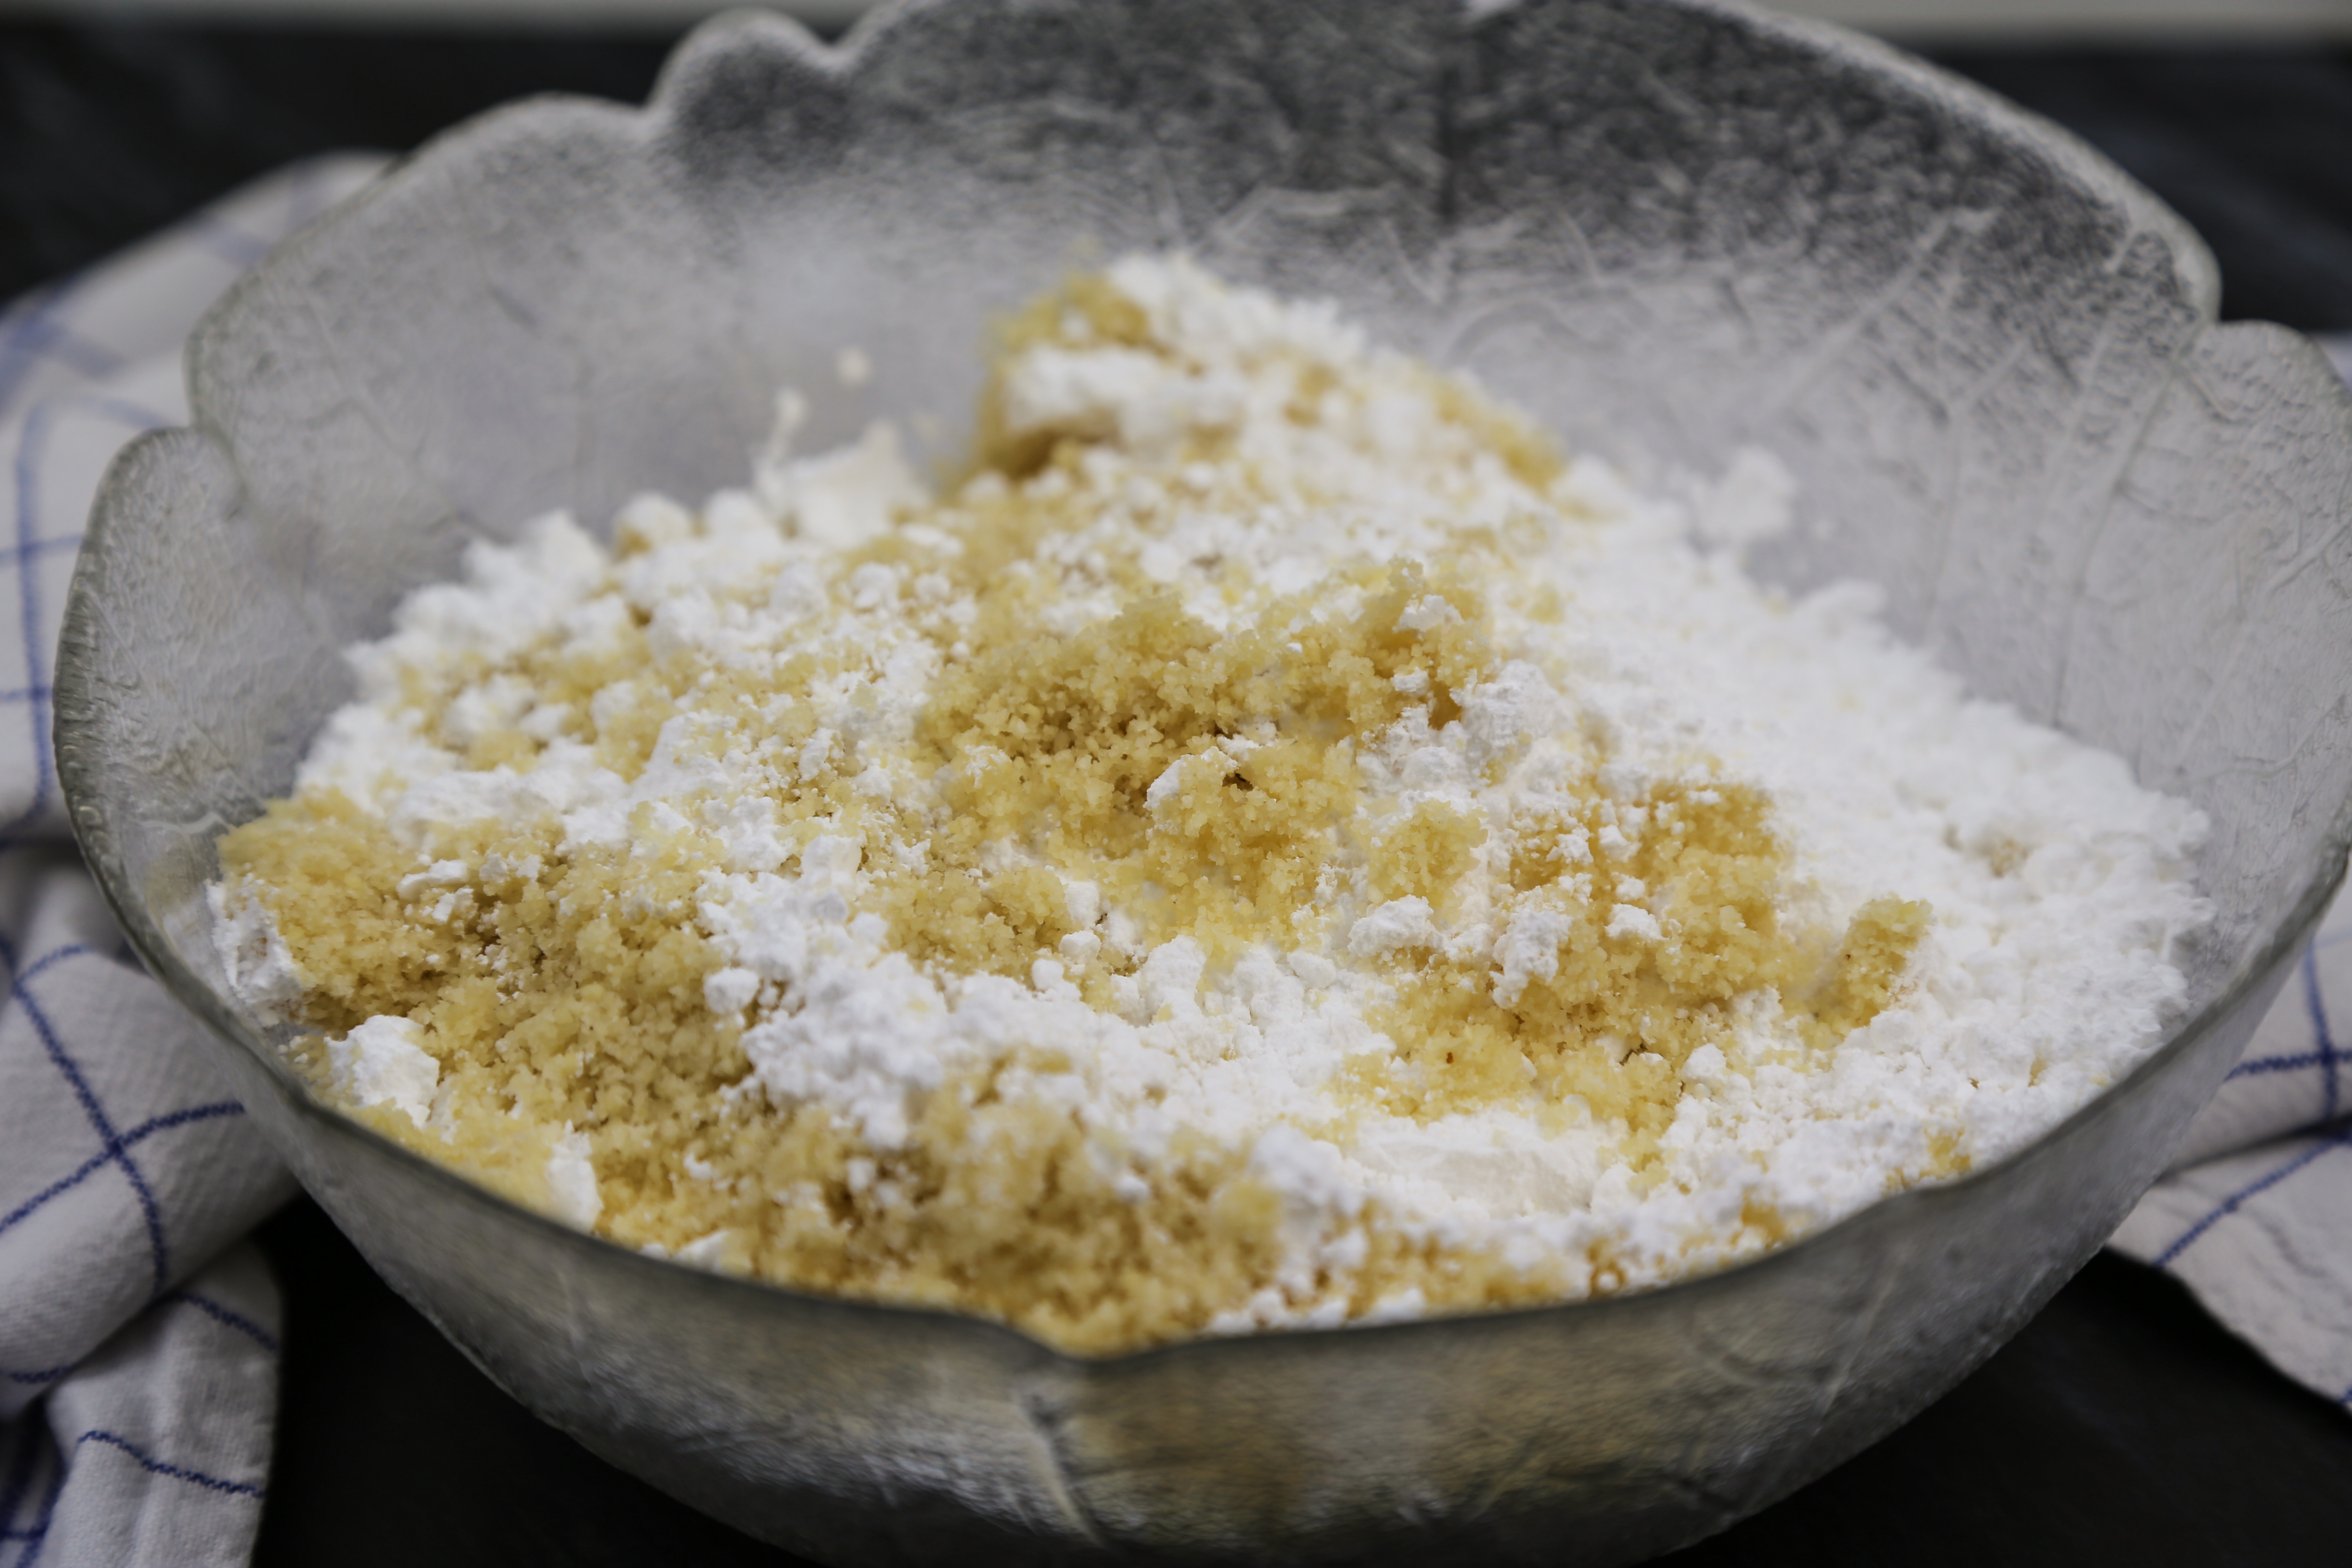 Marzipan selber machen - Mandelmehl und Puderzucker vermischen | kuchengeschichten